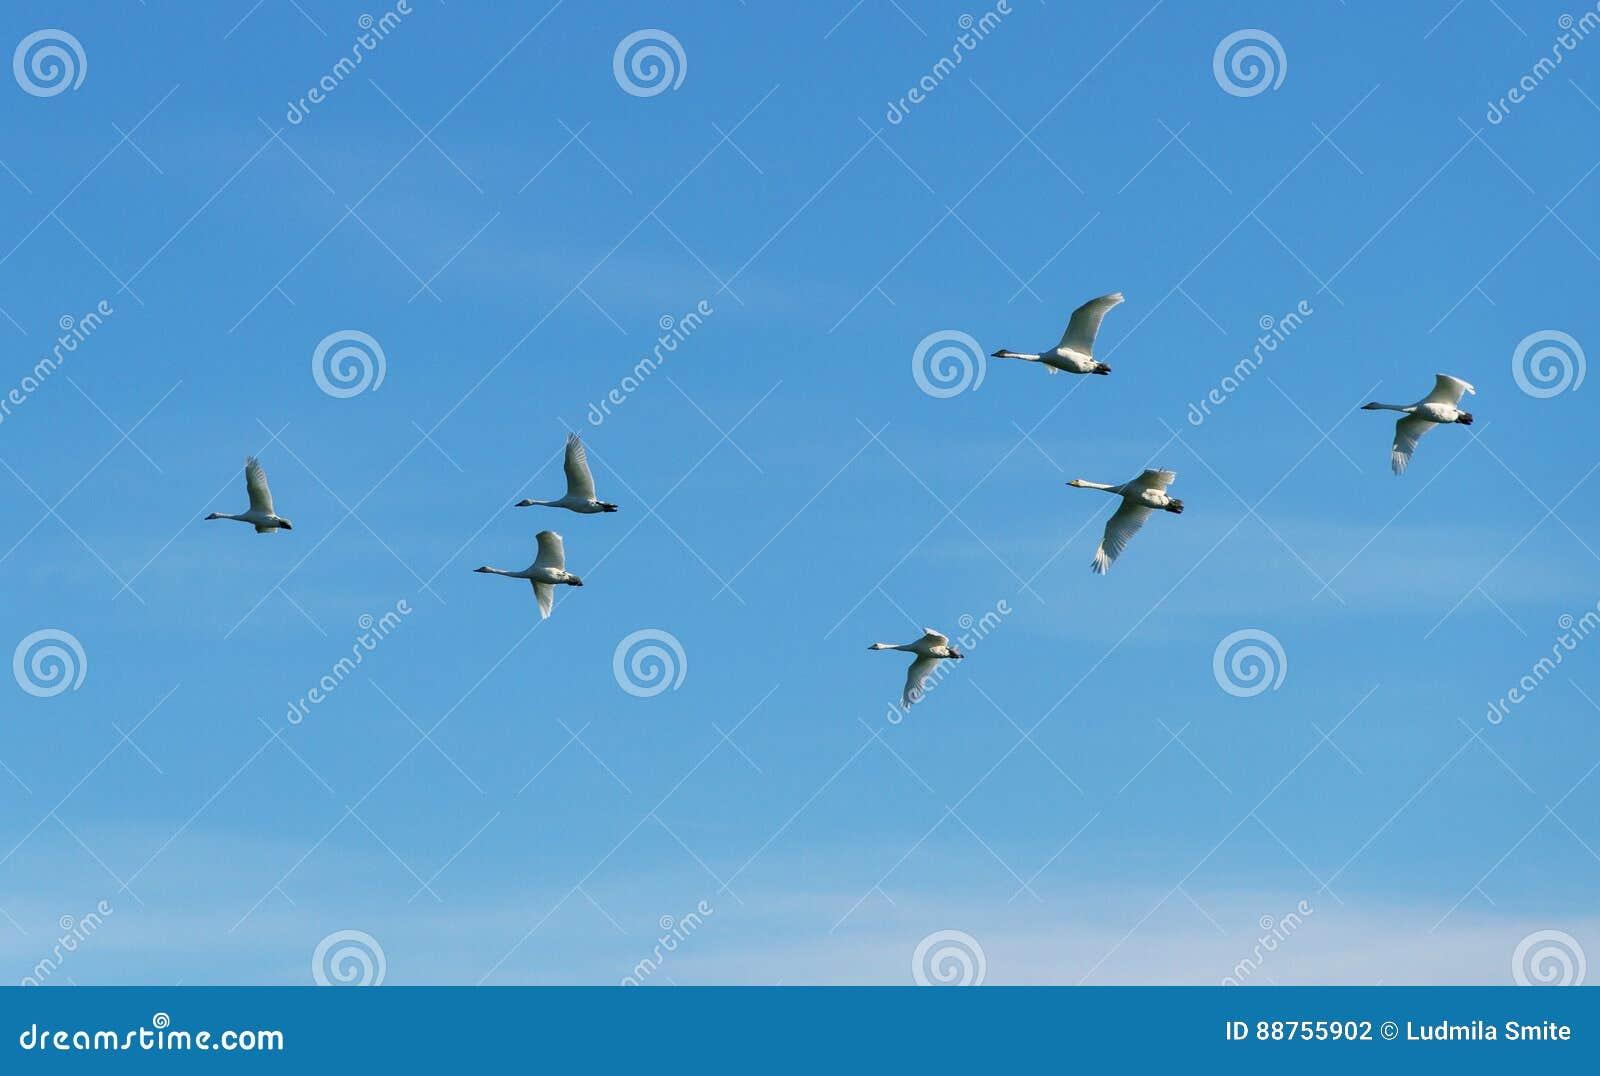 Стадо птиц в небе